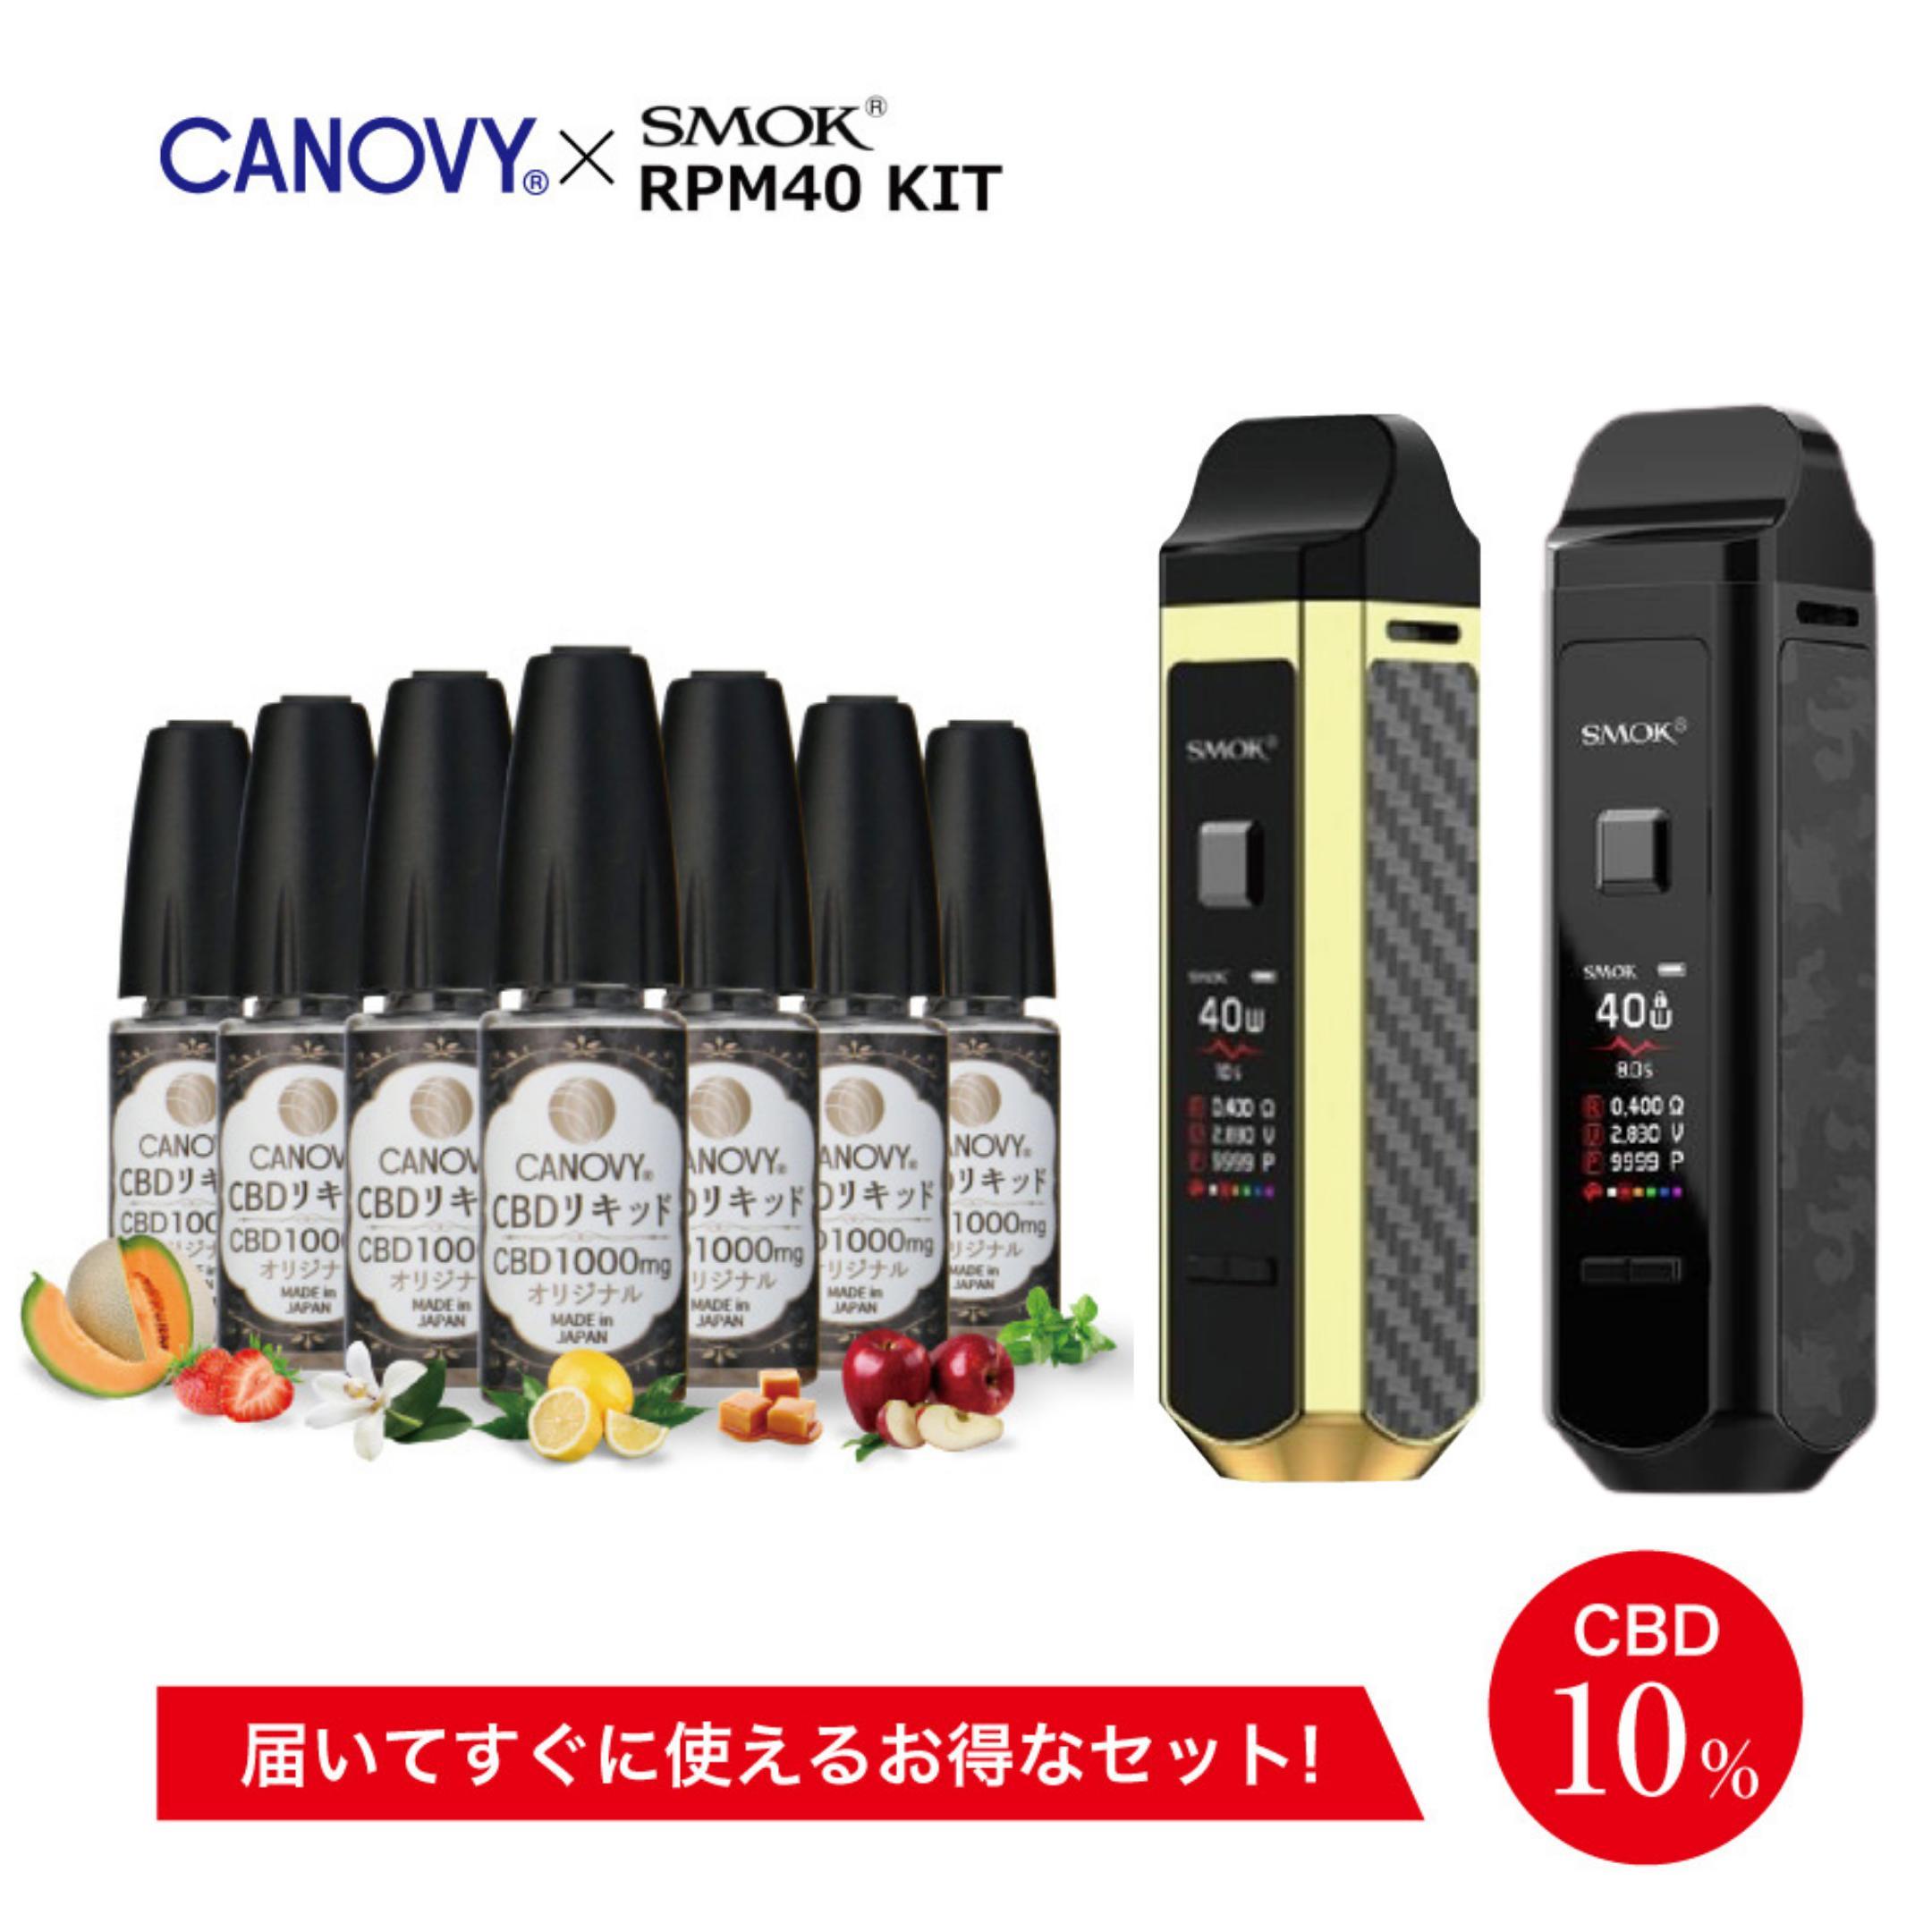 世界最高純度のCBDを摂取できるCBDリキッドが濃度10%にアップグレード セール価格 SMOK RPM40 VAPE スターターキット あなただけの7種類リキッドからお届け 10ml CBD 1000mg セット 高濃度 高純度 日本製 国産 リキッド スモック RPM ストレス CANOVY ペパーミント Pod 爆煙 電子タバコ アップル ベイプ レモン ランキングTOP5 メロン 禁煙グッズ キャラメル バニラ イチゴ 40